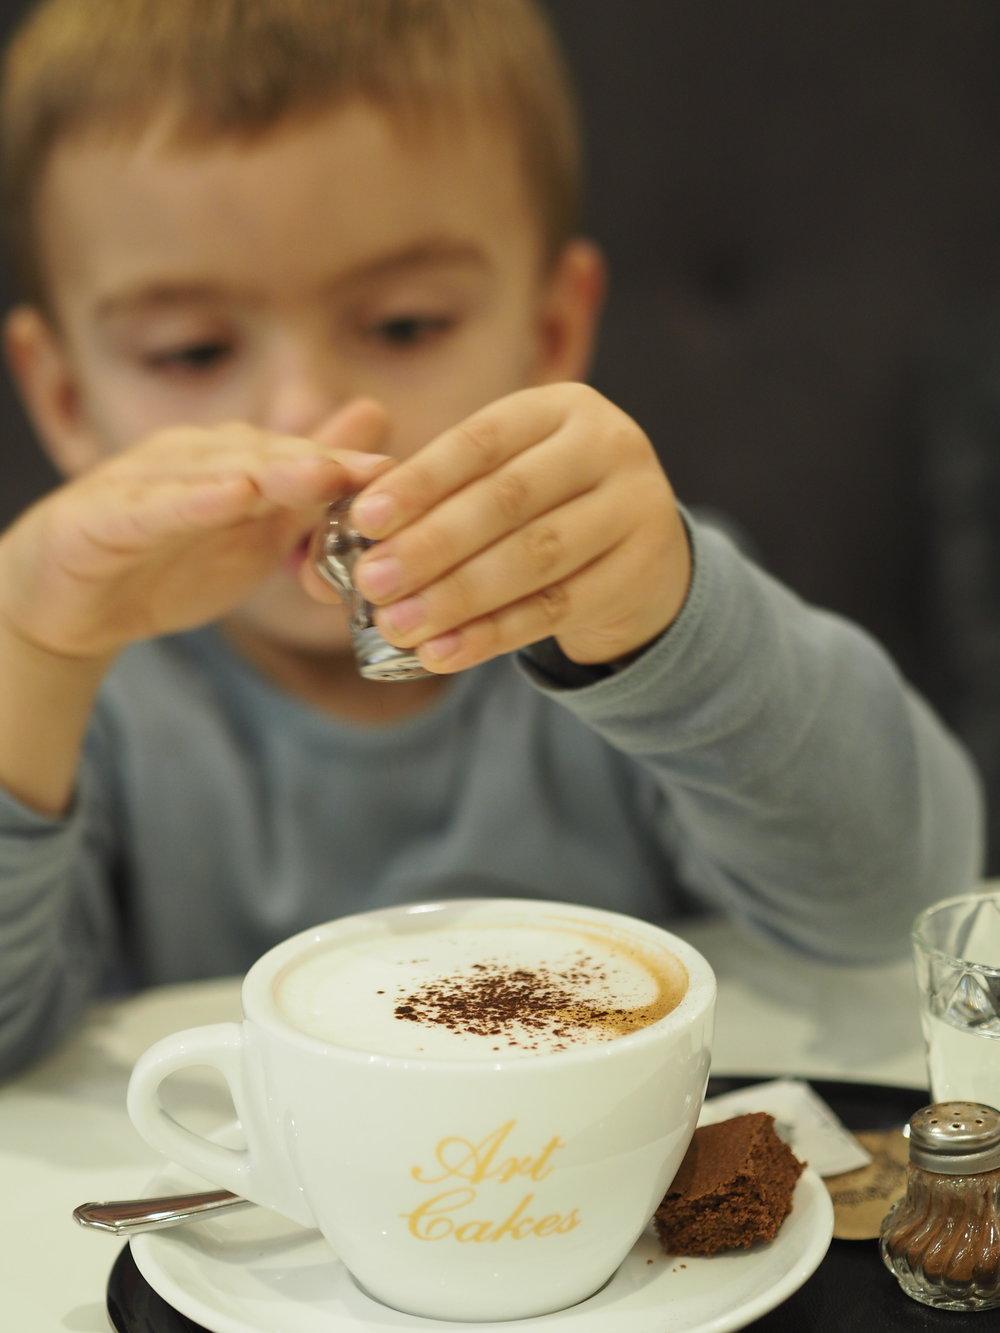 Taková drobnost v kavárně Art Cakes, mohla jsem si sama kávku posypat kakaem či skořicí... Lukášek byl nadšený :-)